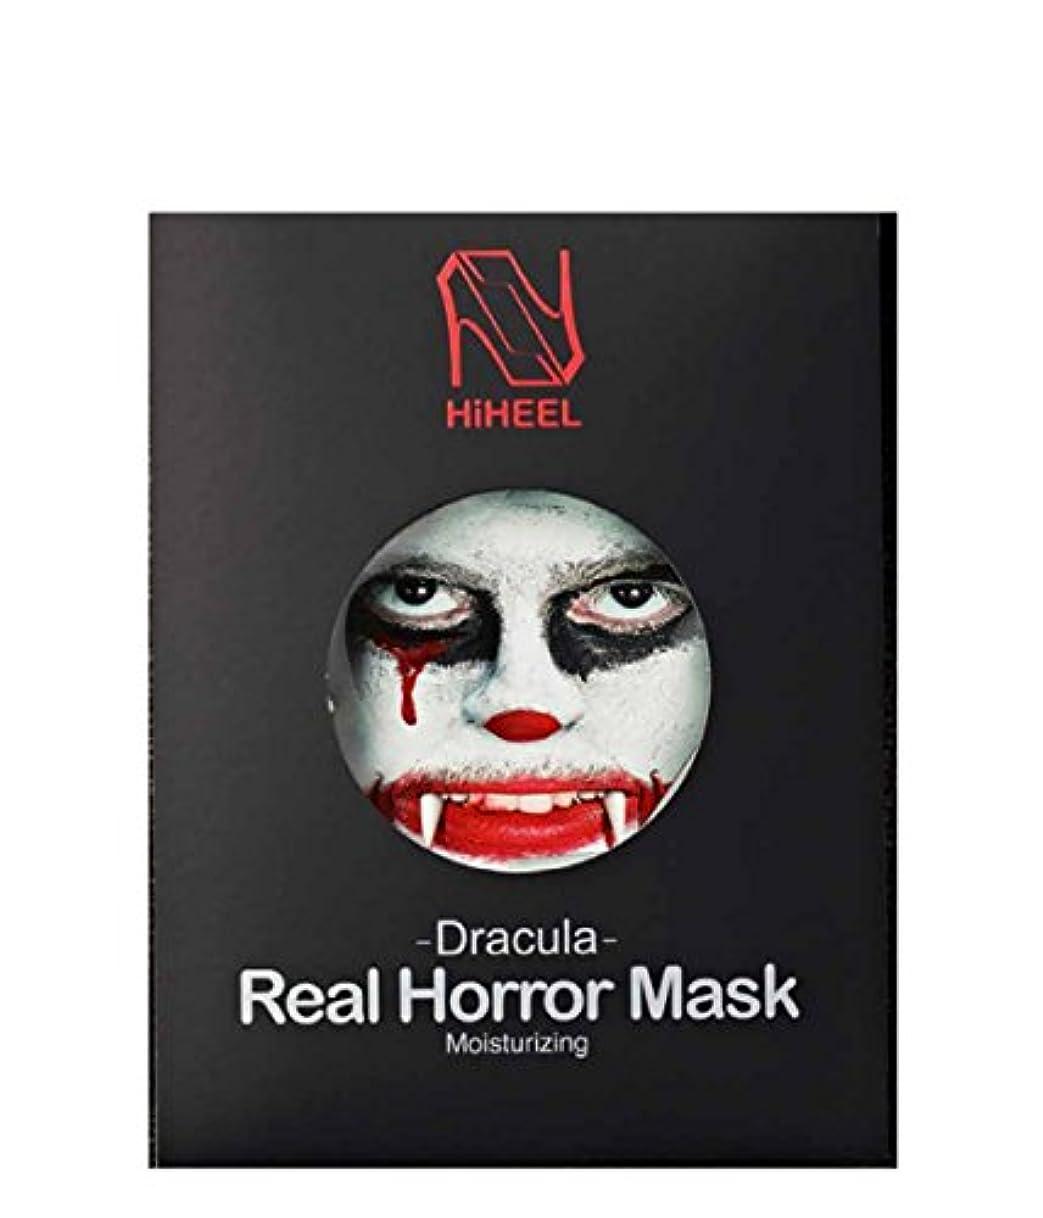 生じる科学者クレタ(ヒヒエル) HiHEEL Dracula Real Horror Mask Moisturizing 10 Sheets ドラキュラリアルホラーマスクモイスチャライジング CH1278870 [並行輸入品]